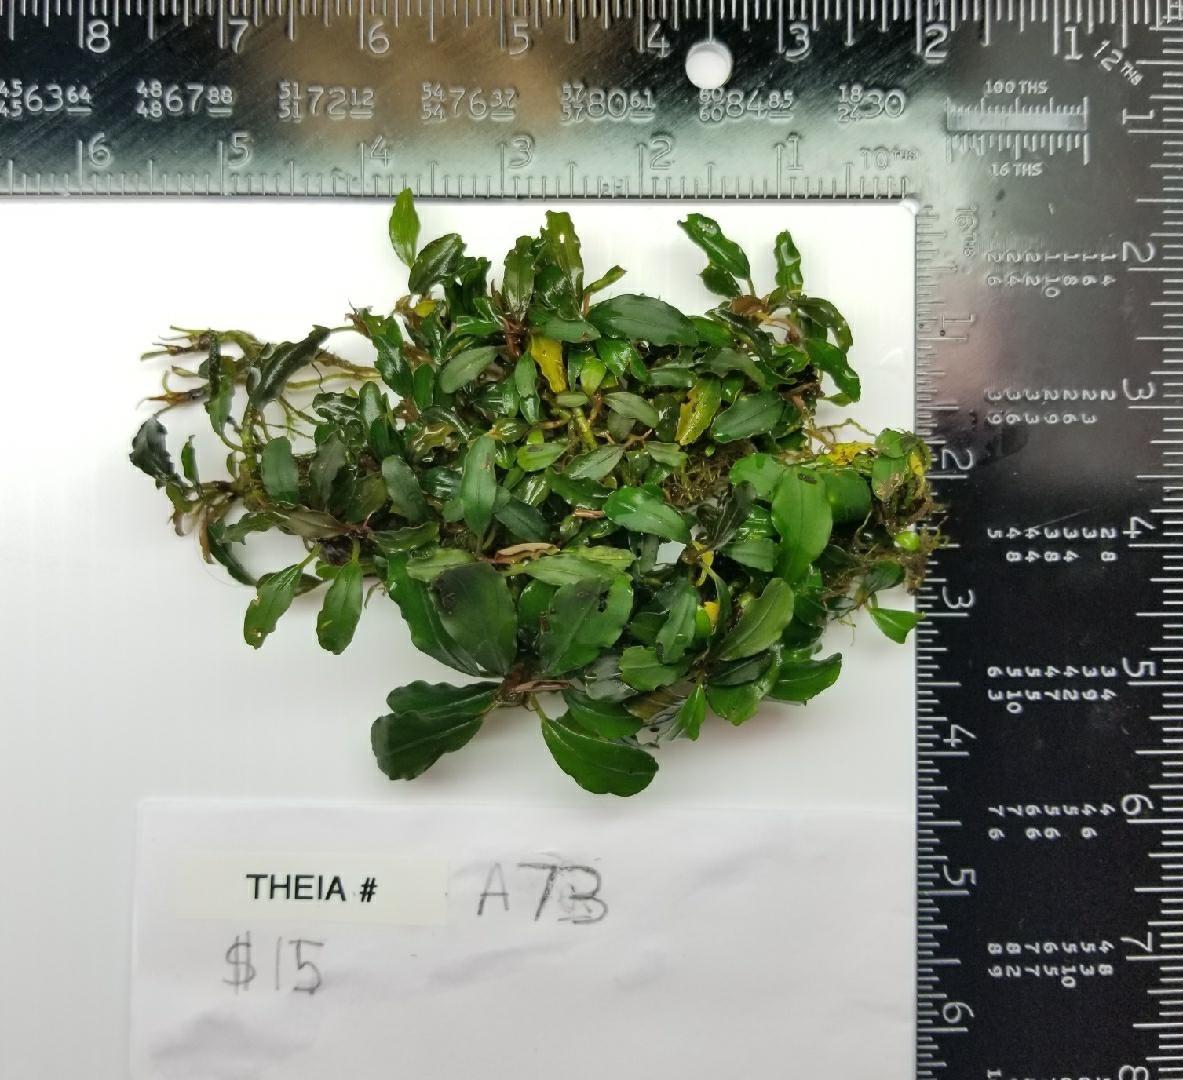 Buce Theia